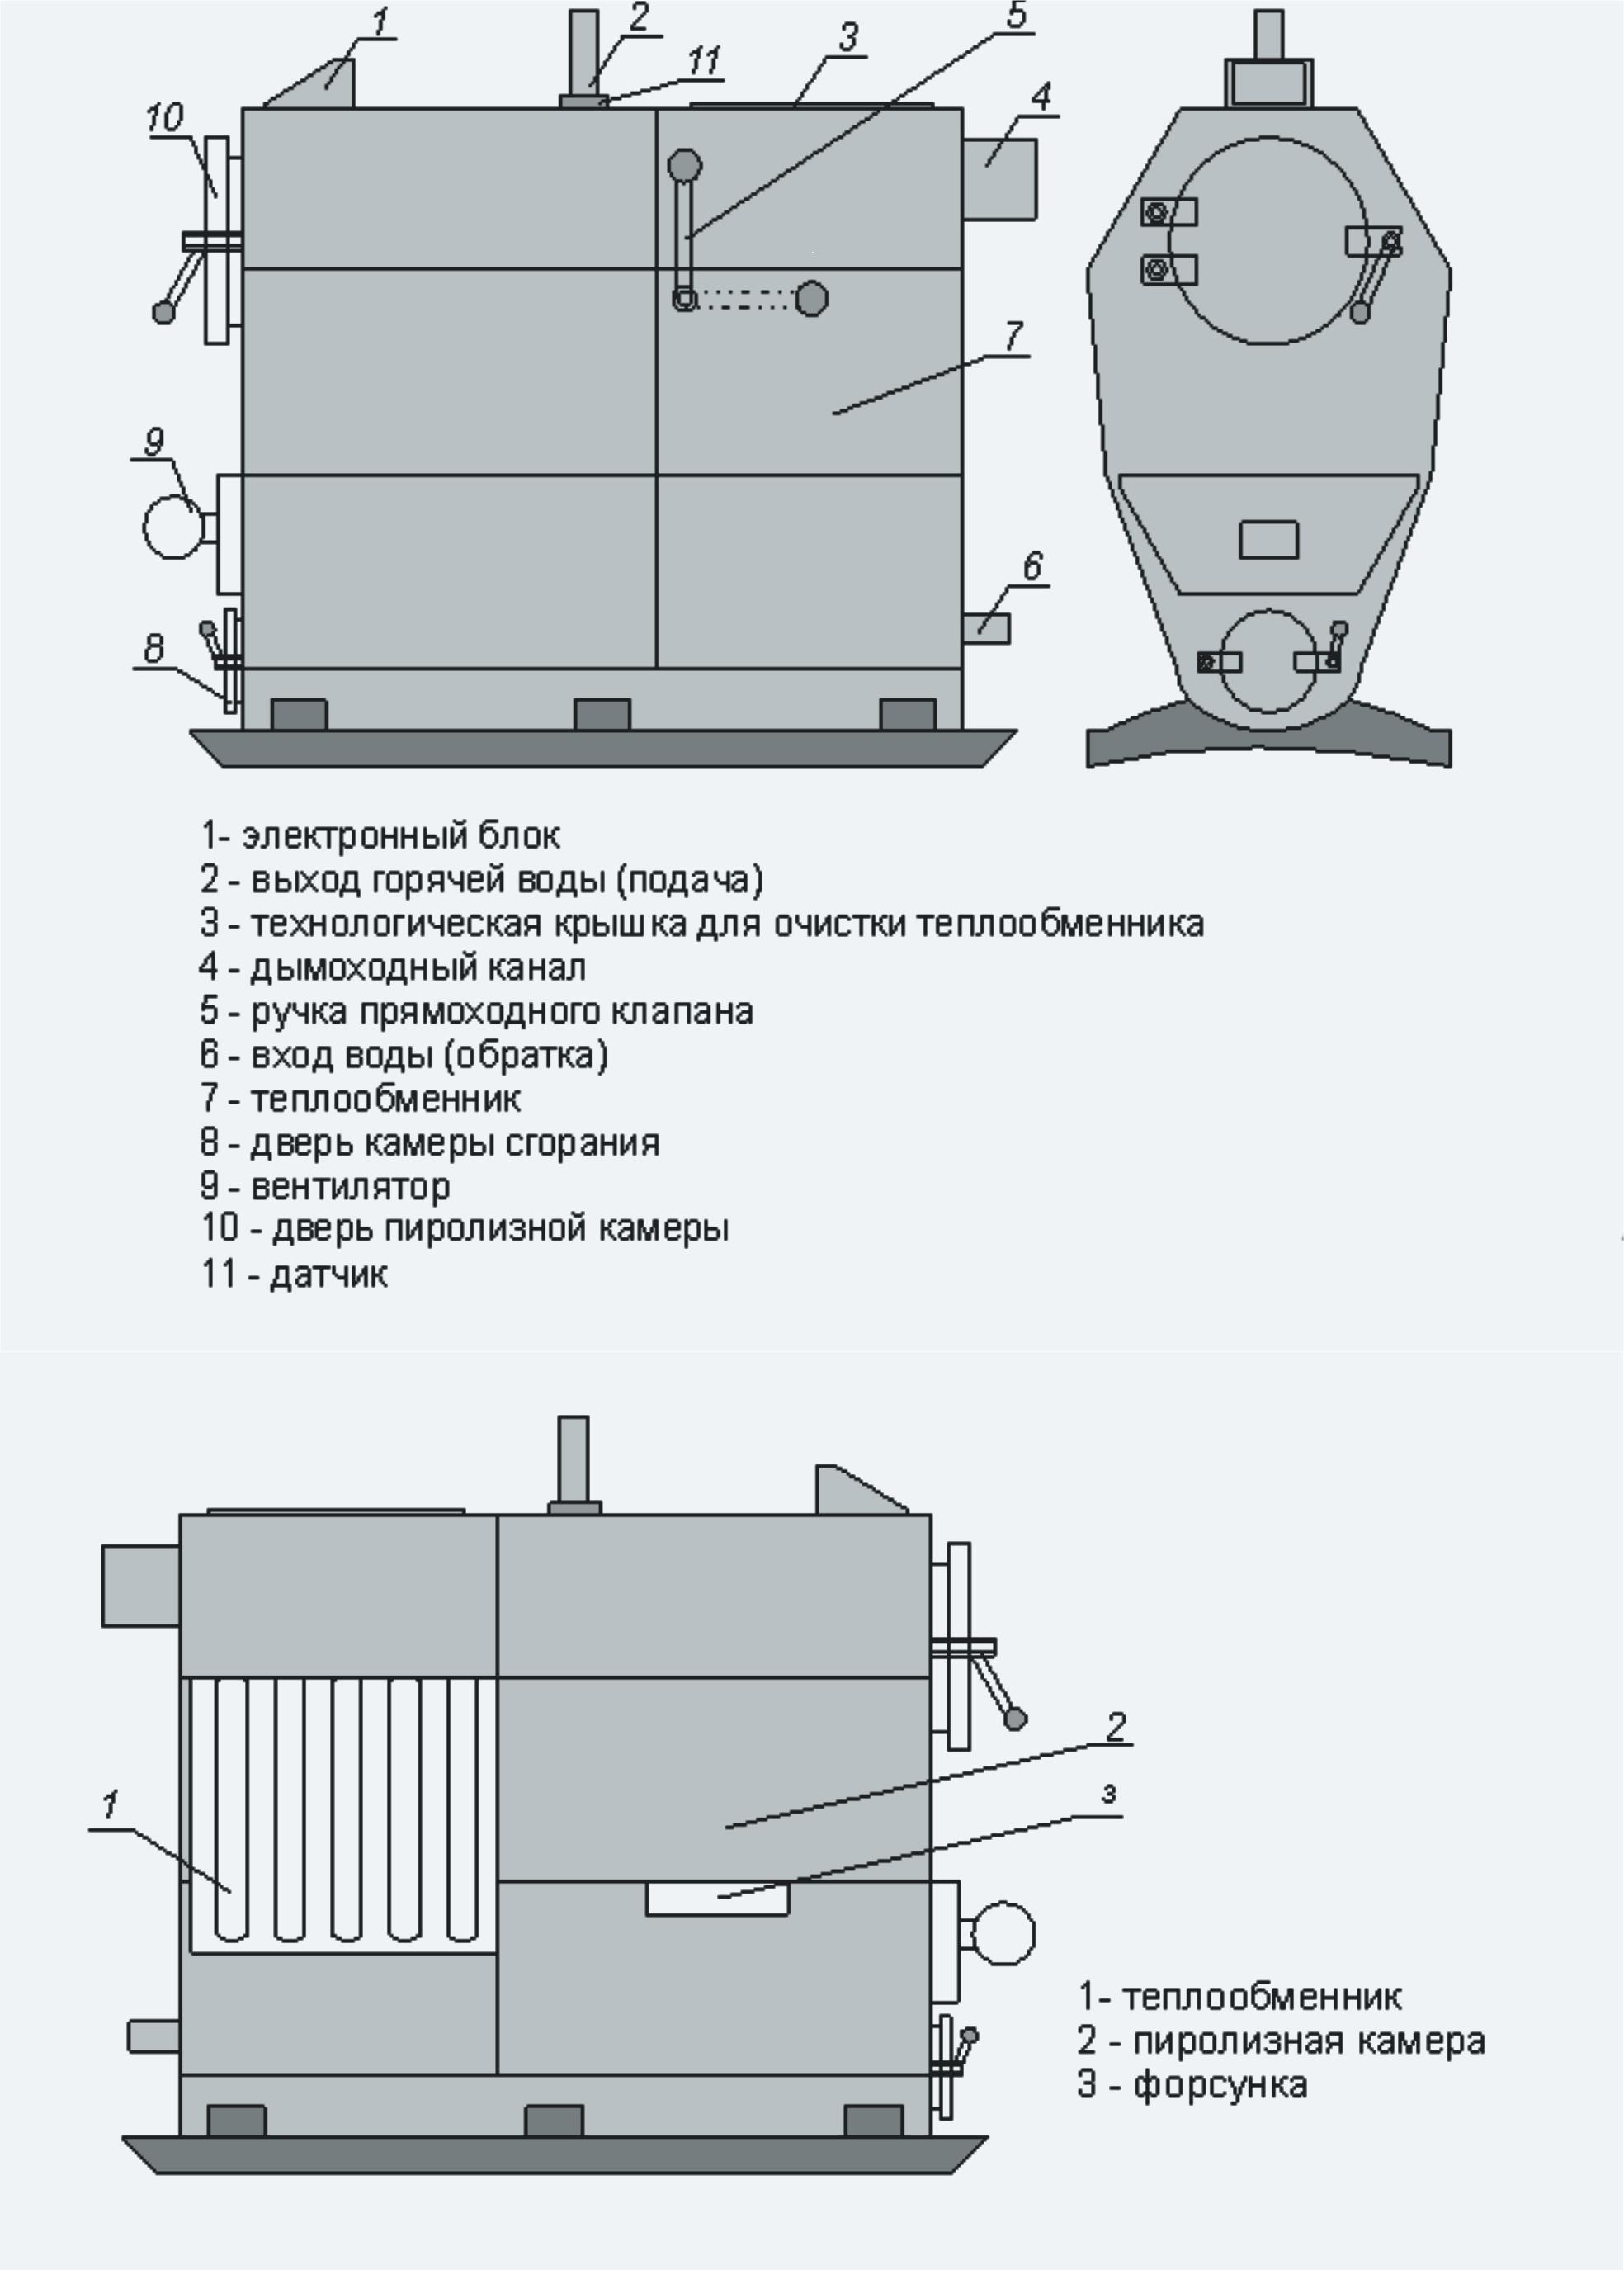 Пиролизные котлы на твердом топливе. особенности устройства и некоторые производители